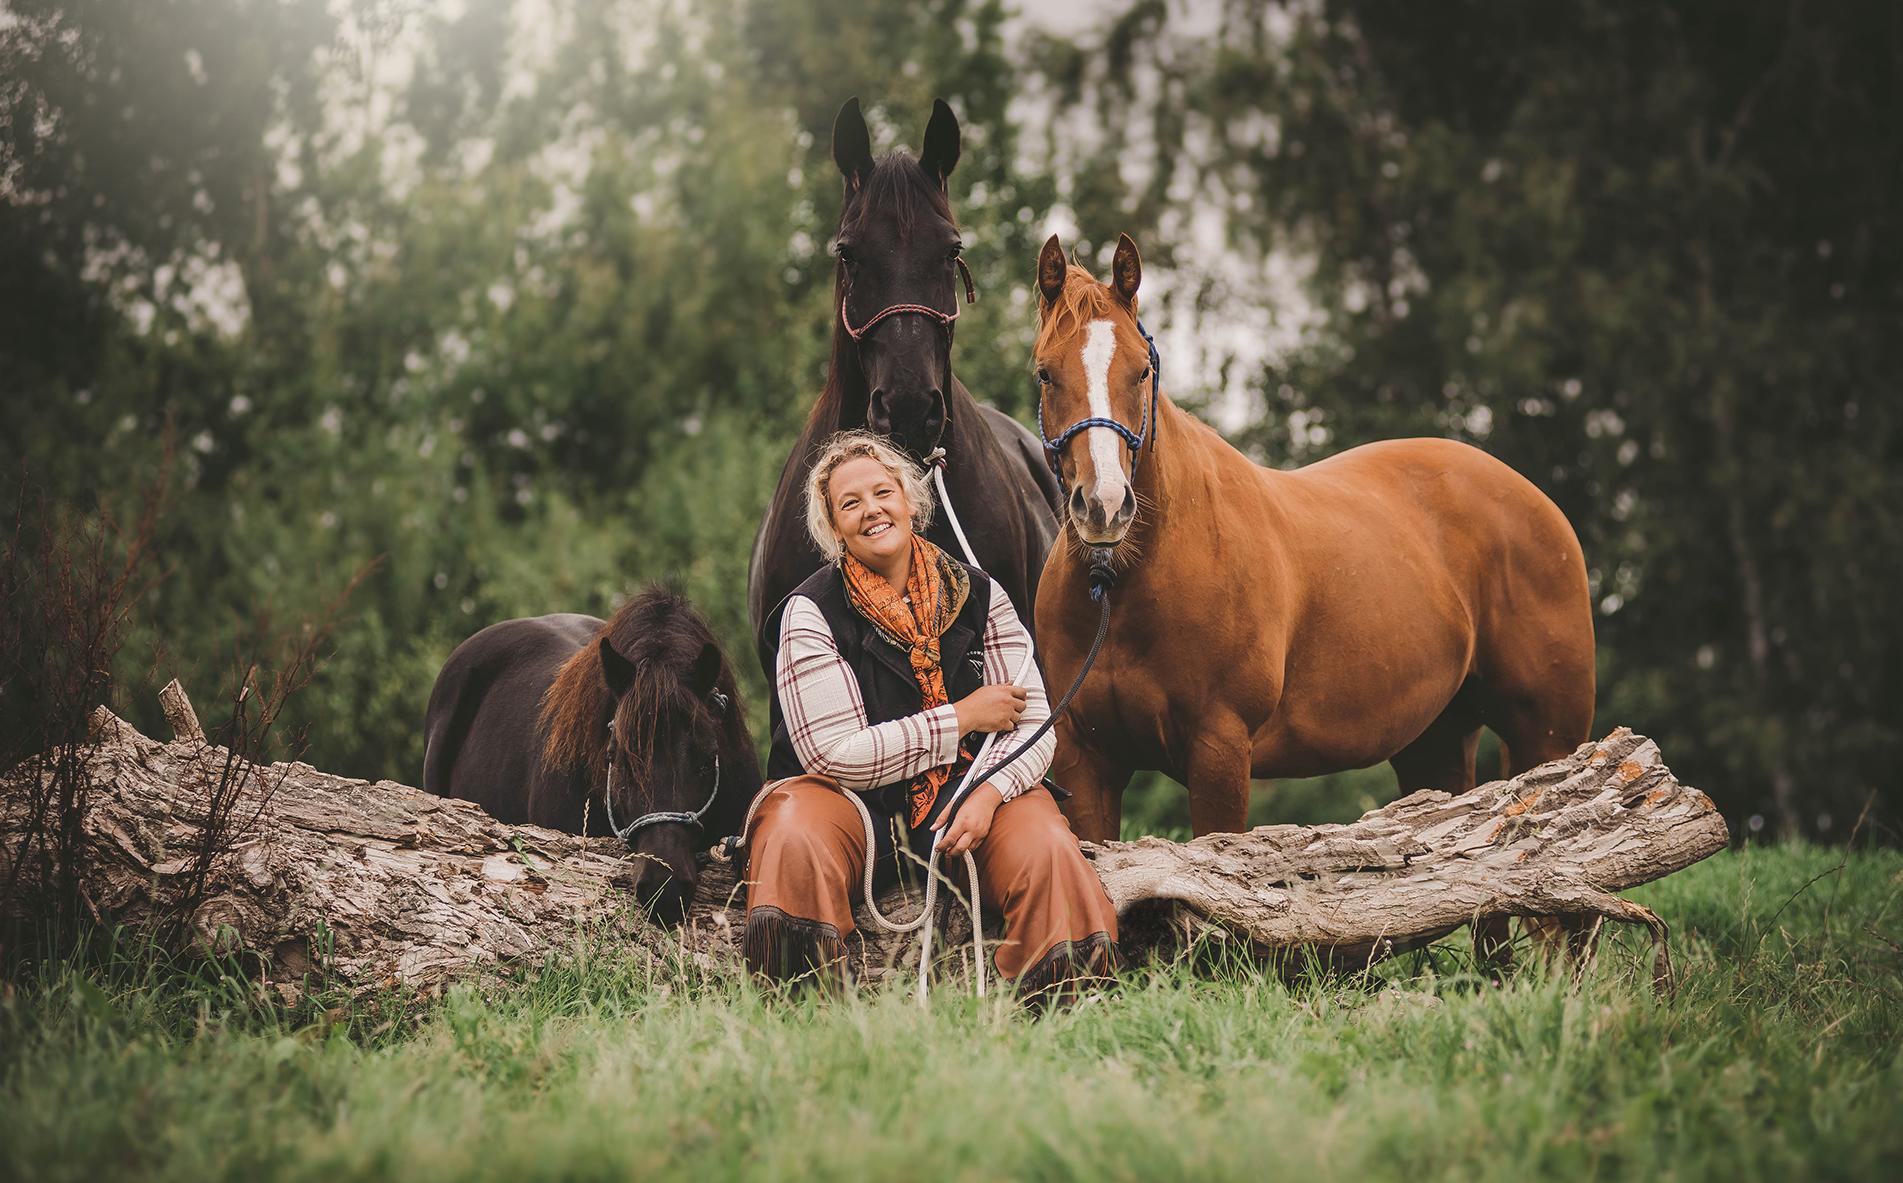 Horsemanship kurser tilbydes på Sjælland